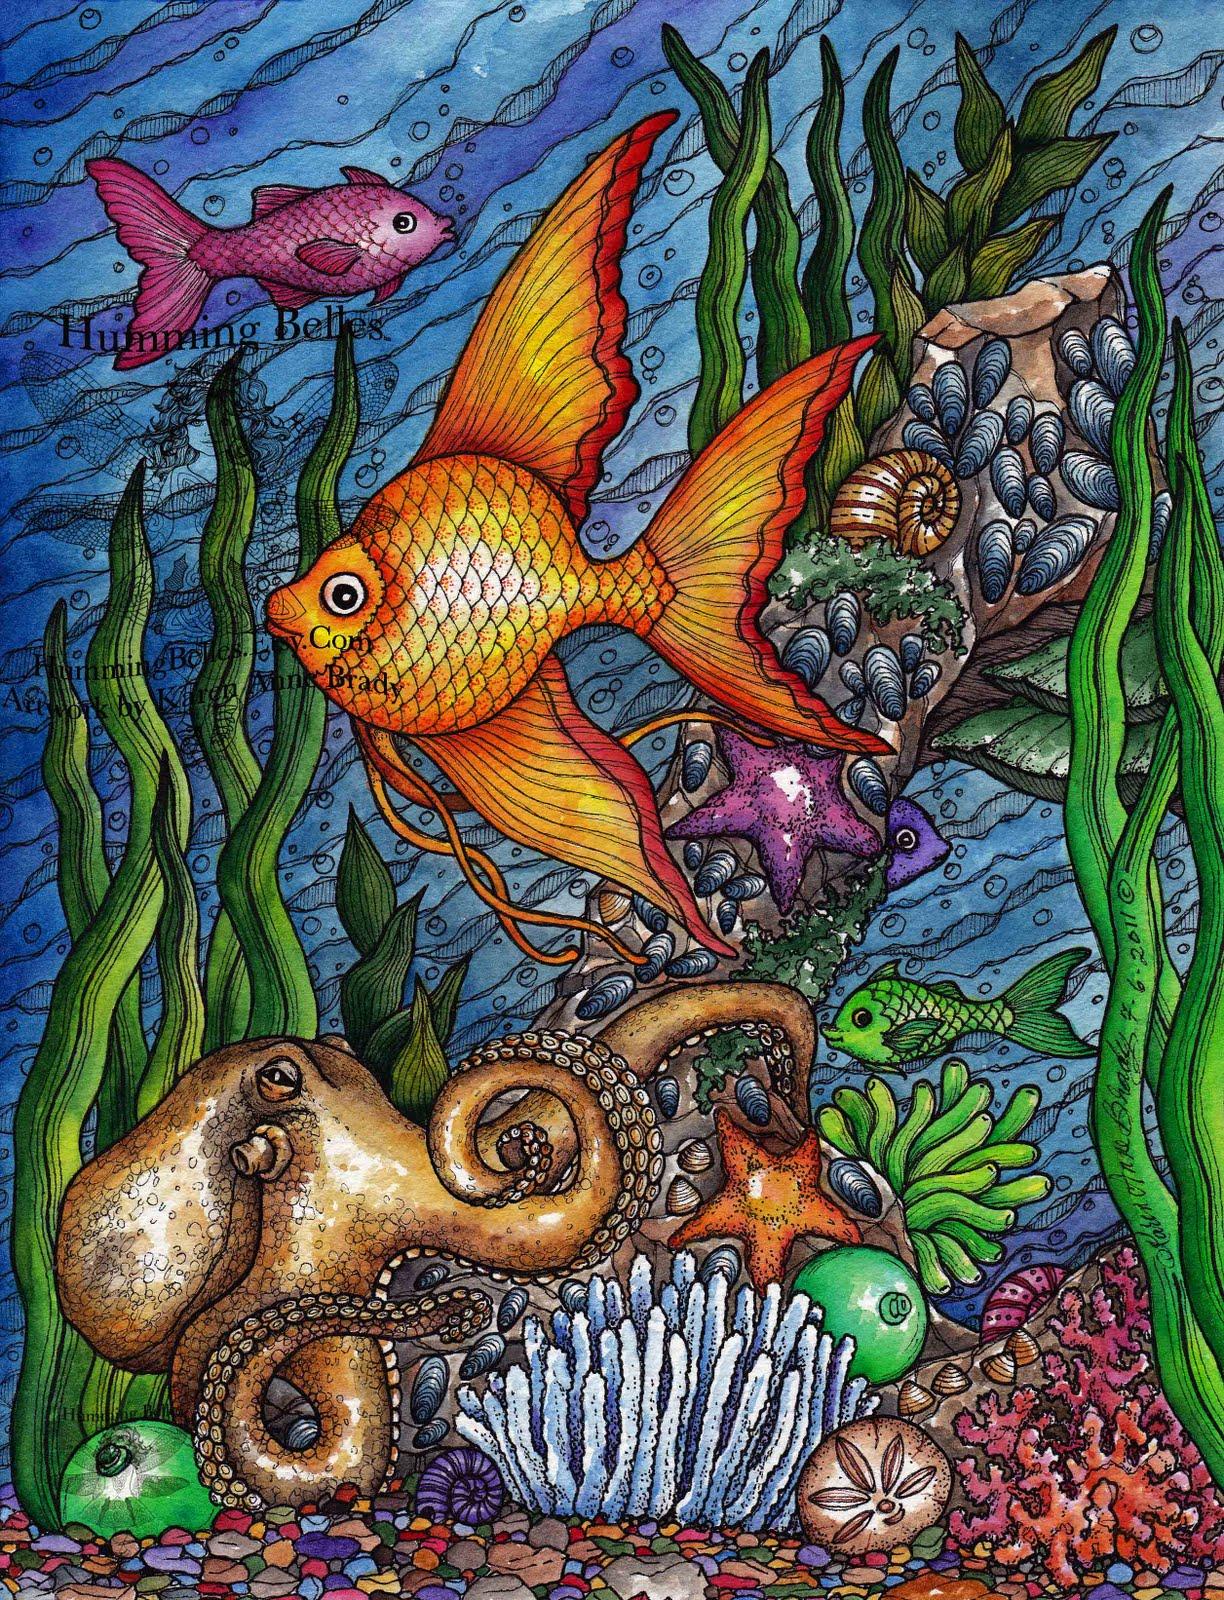 Humming Belles quot New Undersea